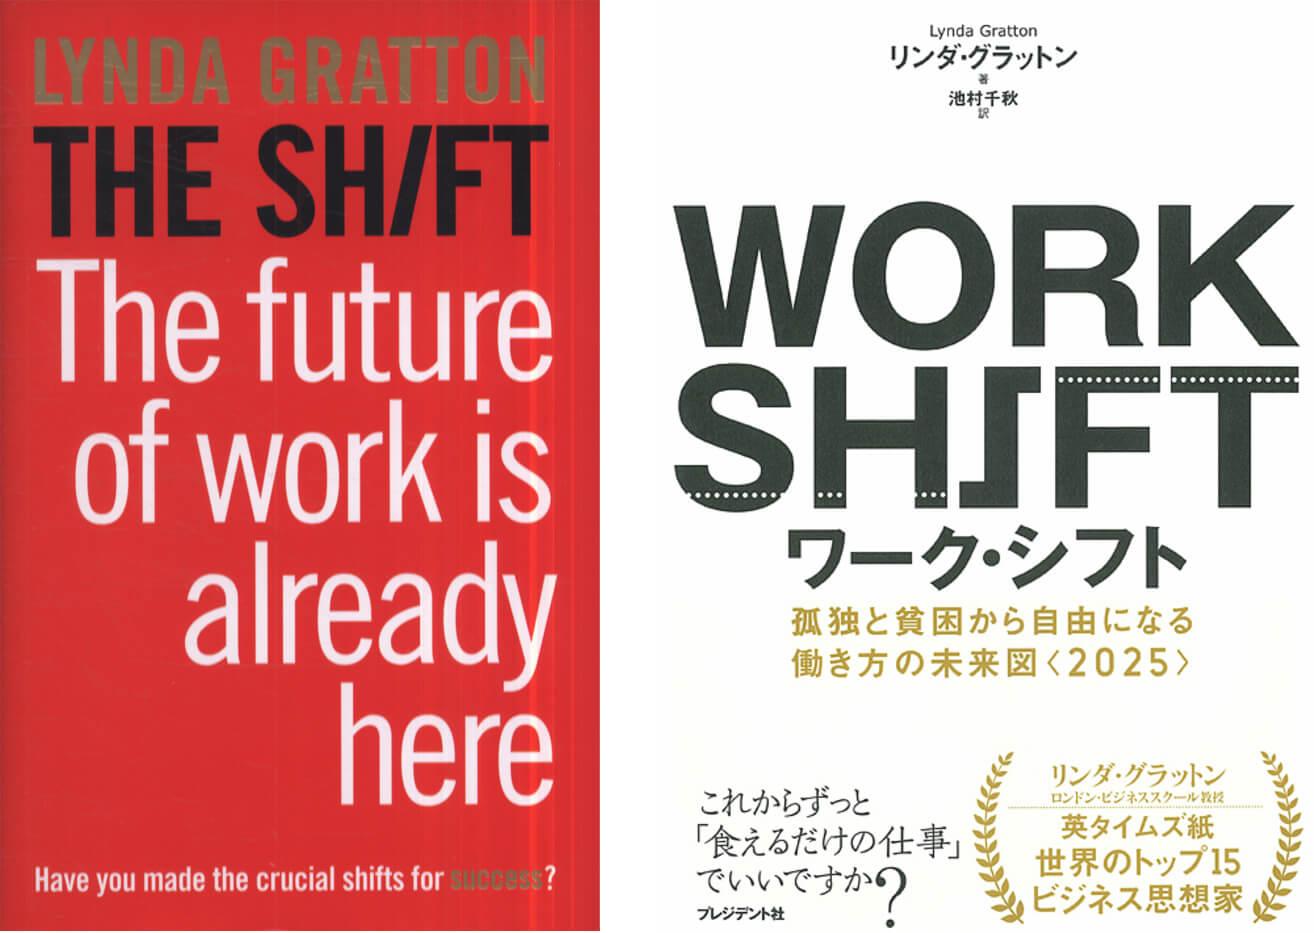 Будущее работы